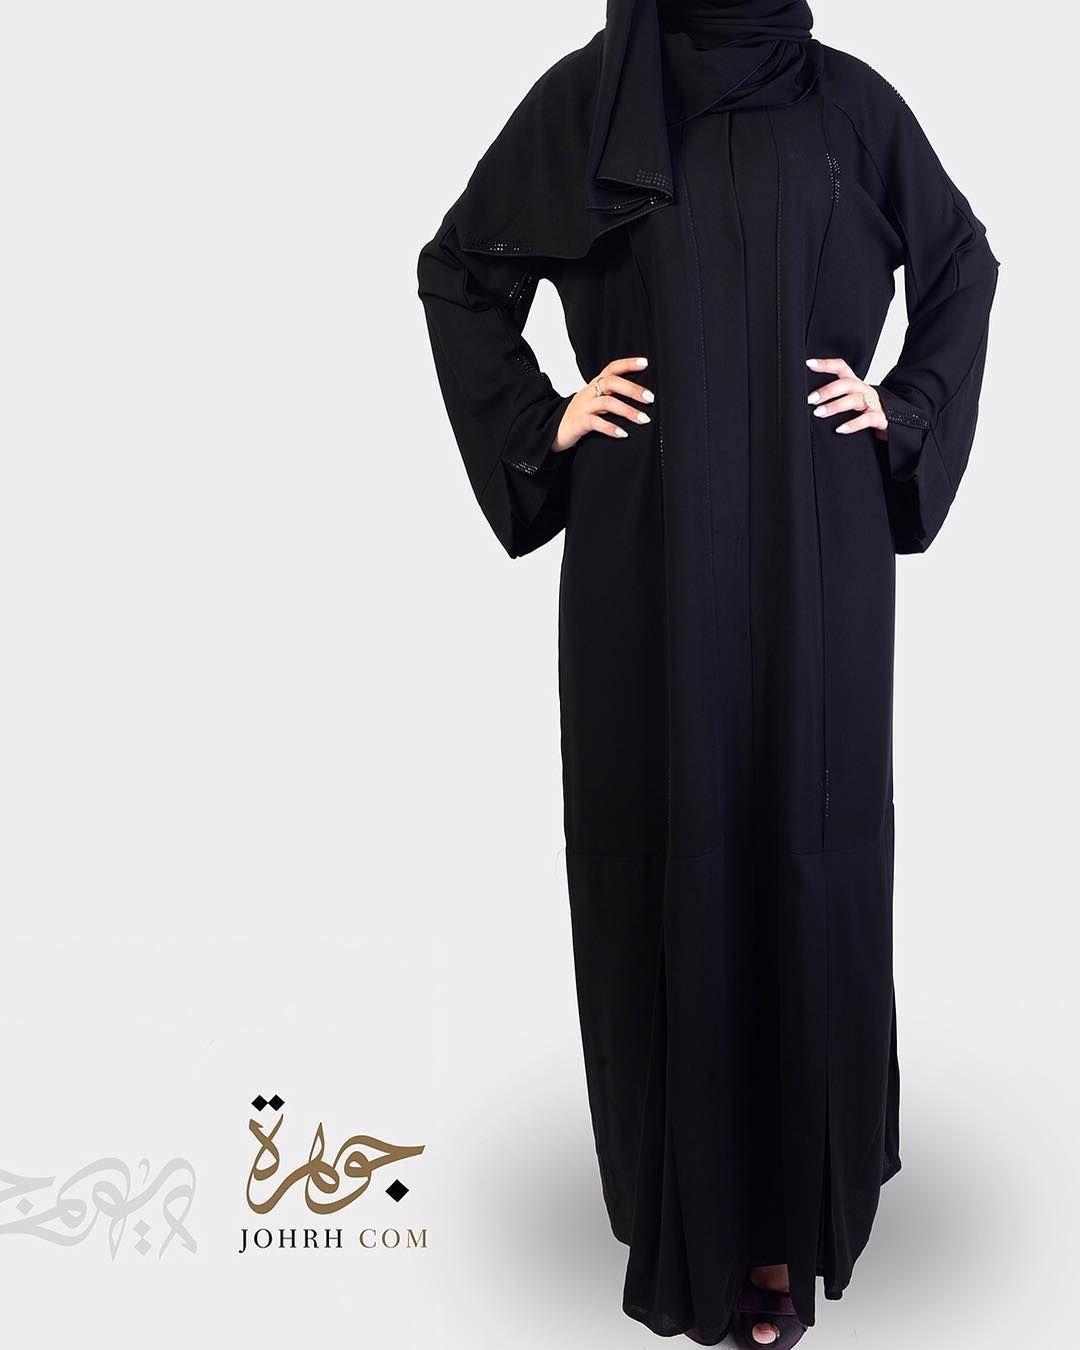 السعر ١٩٥ خياطة طولي وكرستال تألقي مع هذه العباءة بتصميمها الراقي والجميل فخياطتها بشكل طولي المنتهي بكسرة رقيقة ولمسات الكرستال أضا Fashion Coat Duster Coat